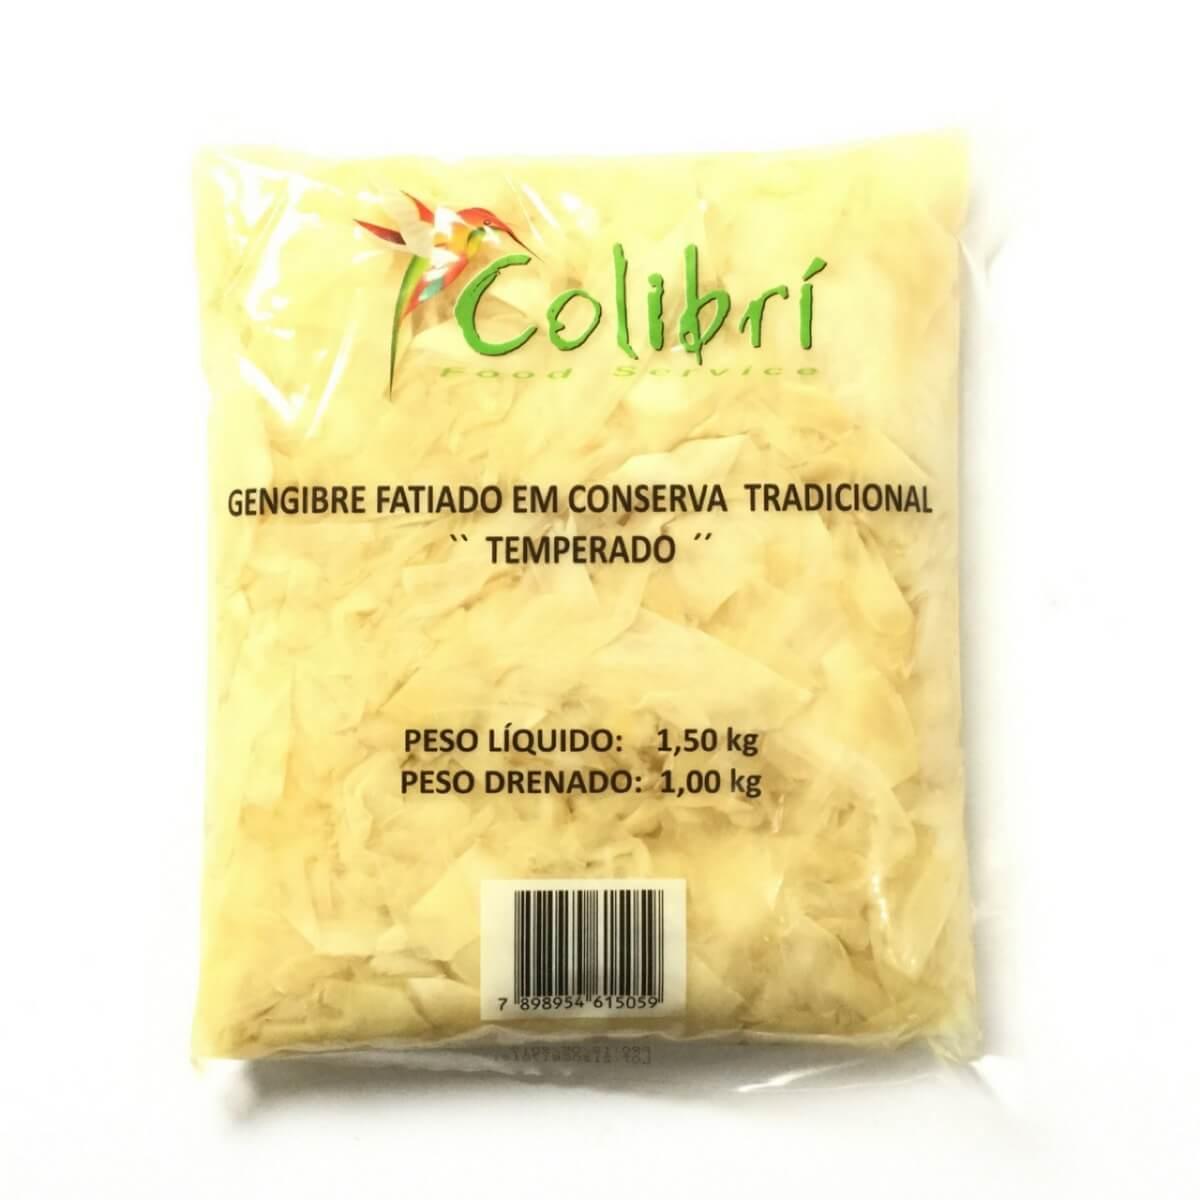 GENGIBRE  TEMPERADO COLIBRI CX  C/ 10 PCTES DE 1,50 KG